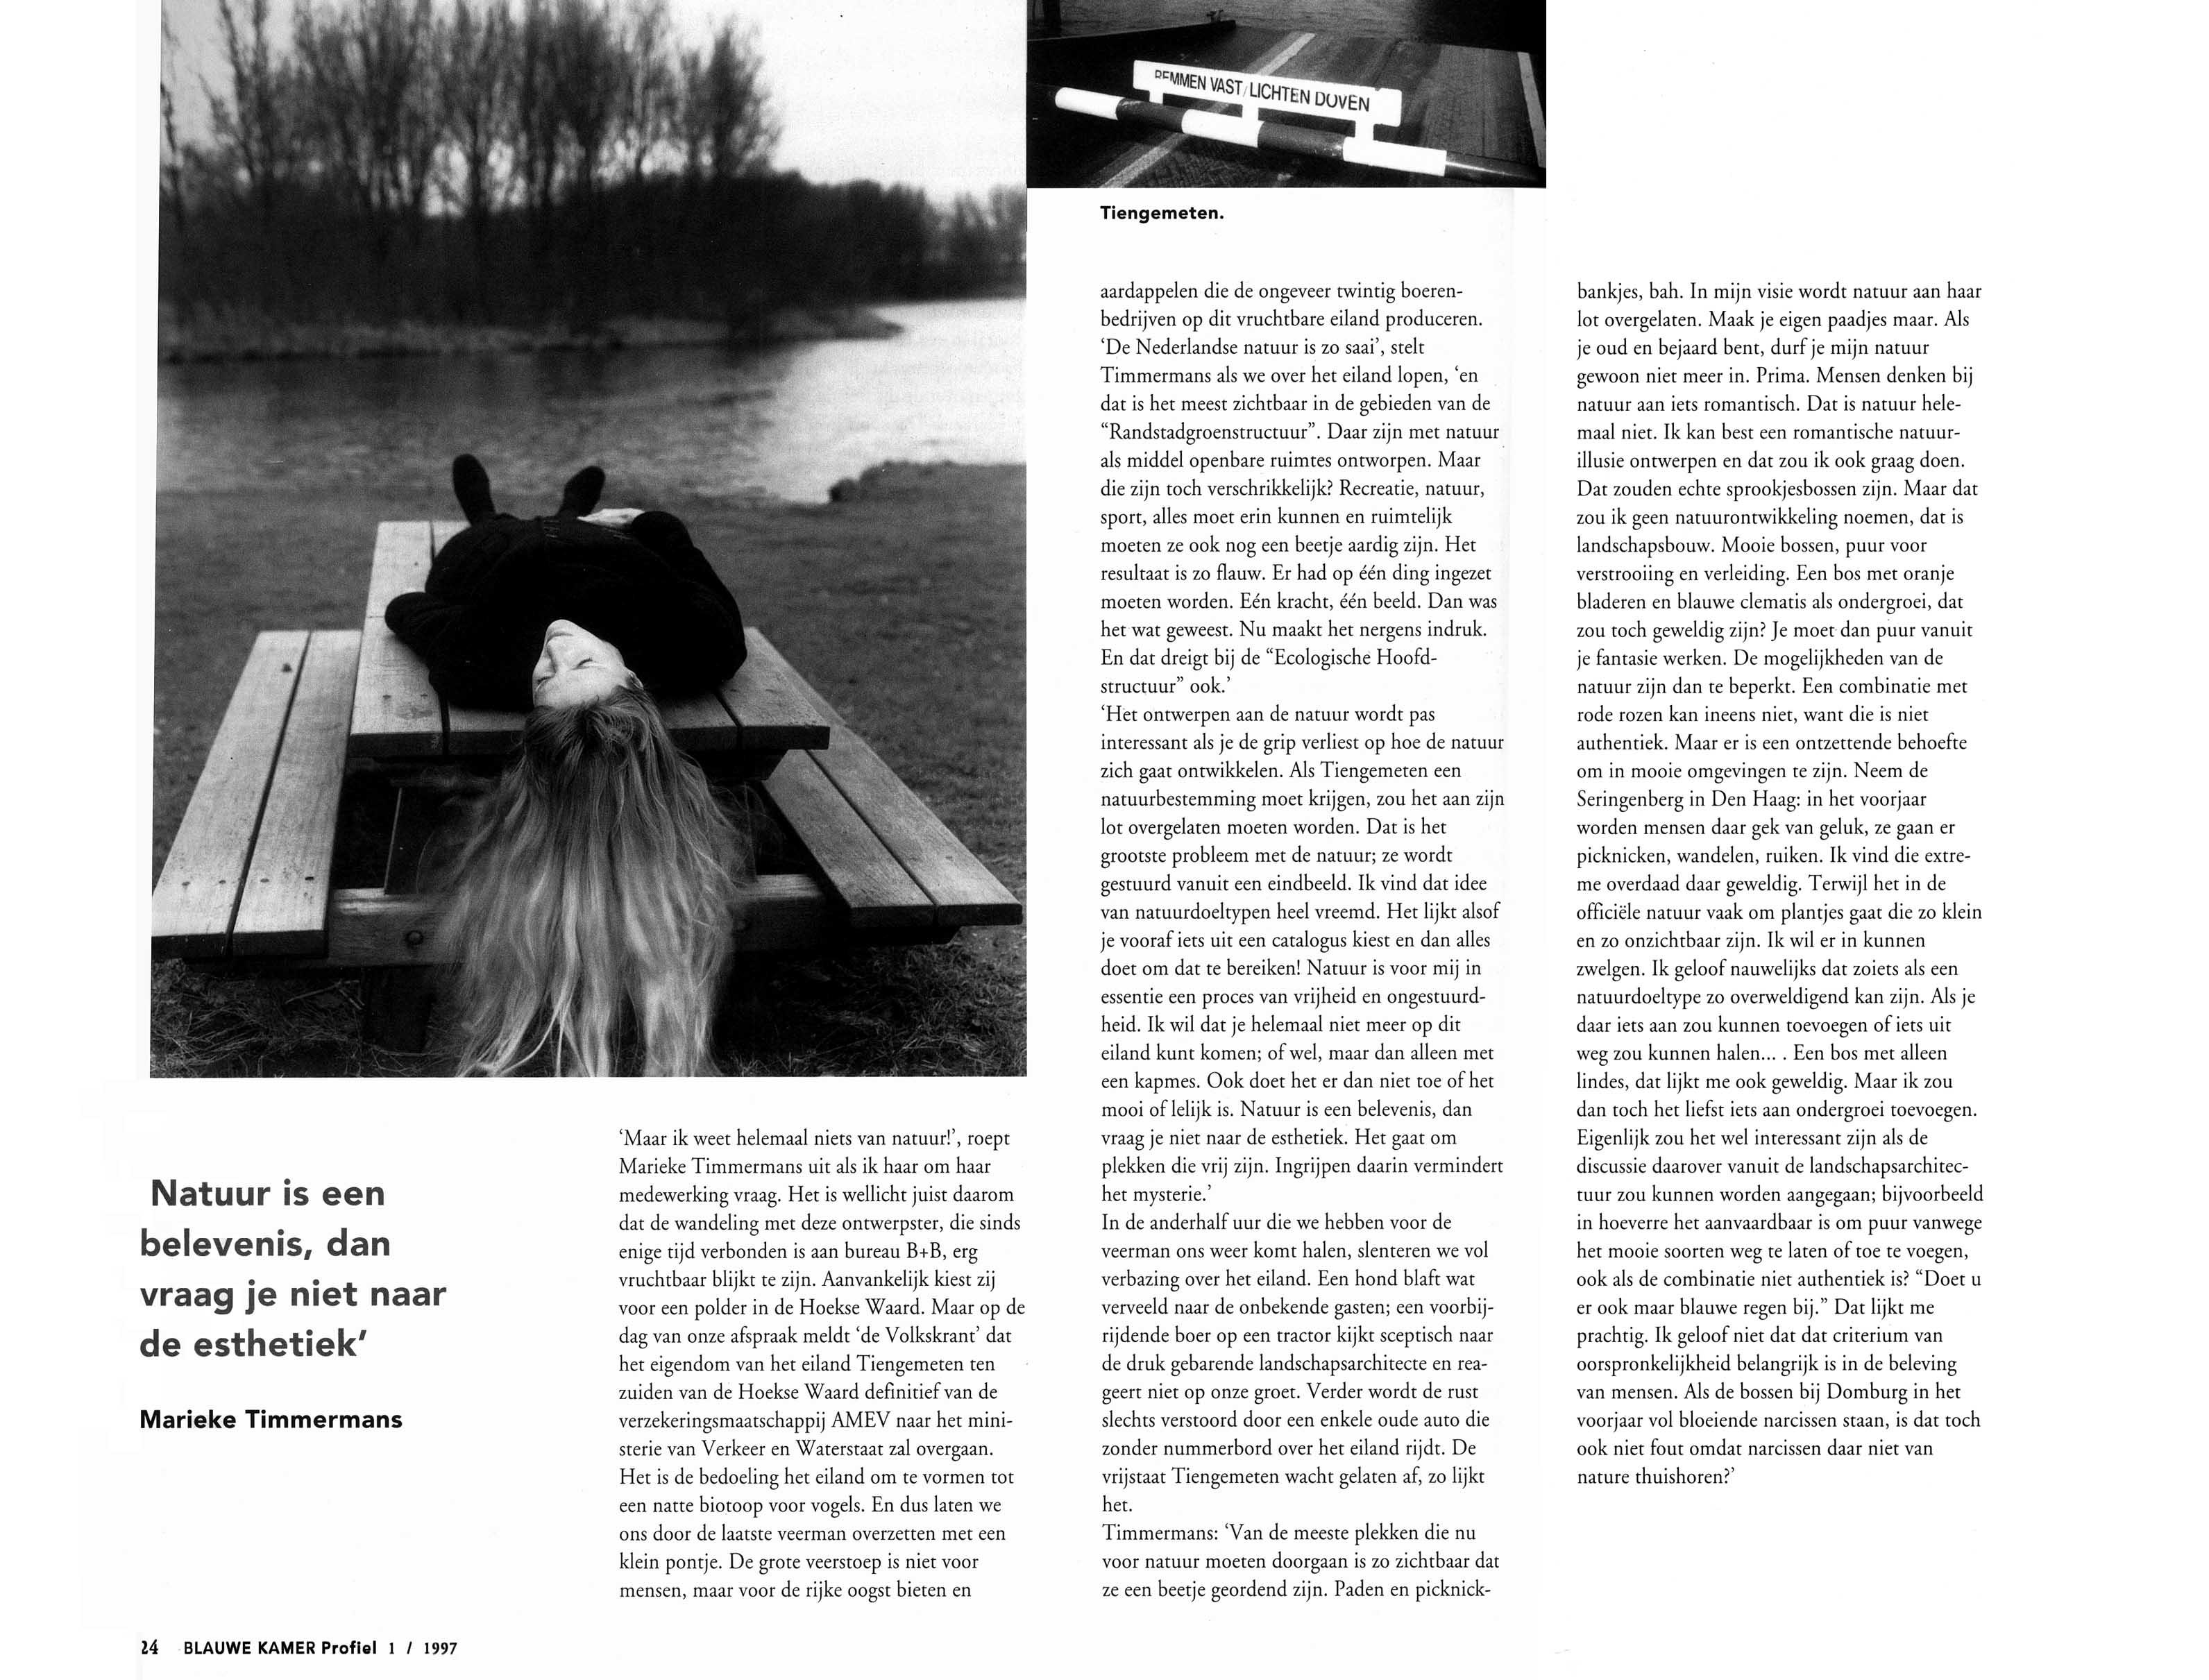 Landscape architects for sale - Blauwe kamer kind ...